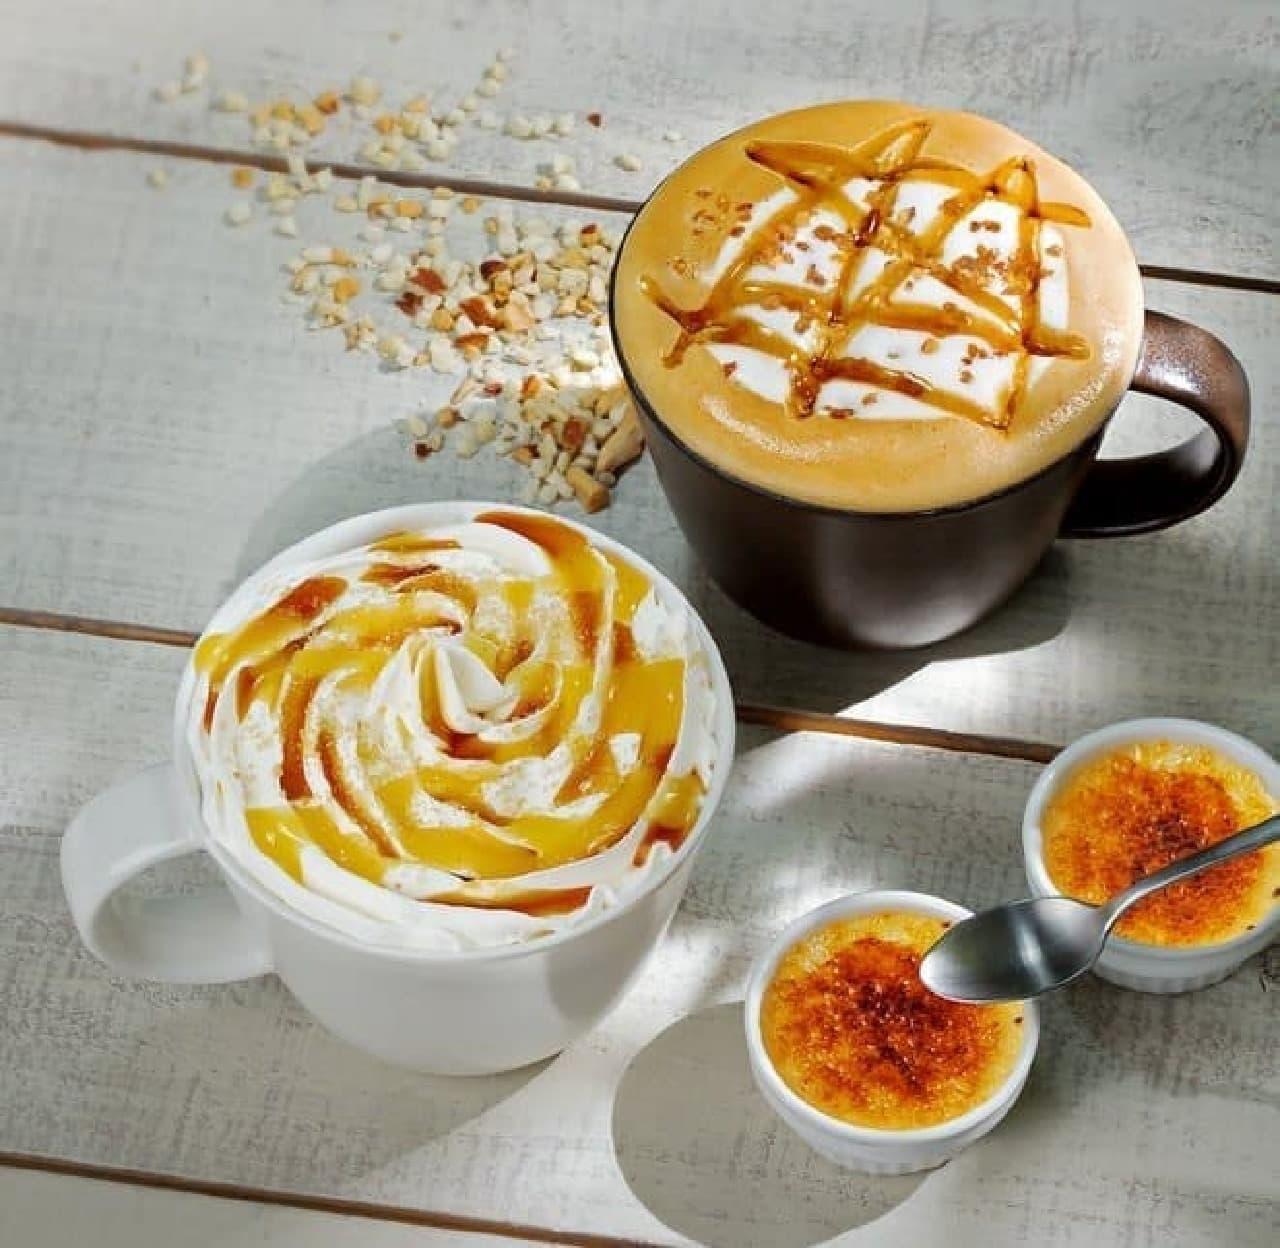 タリーズコーヒー バニラクレームブリュレラテ